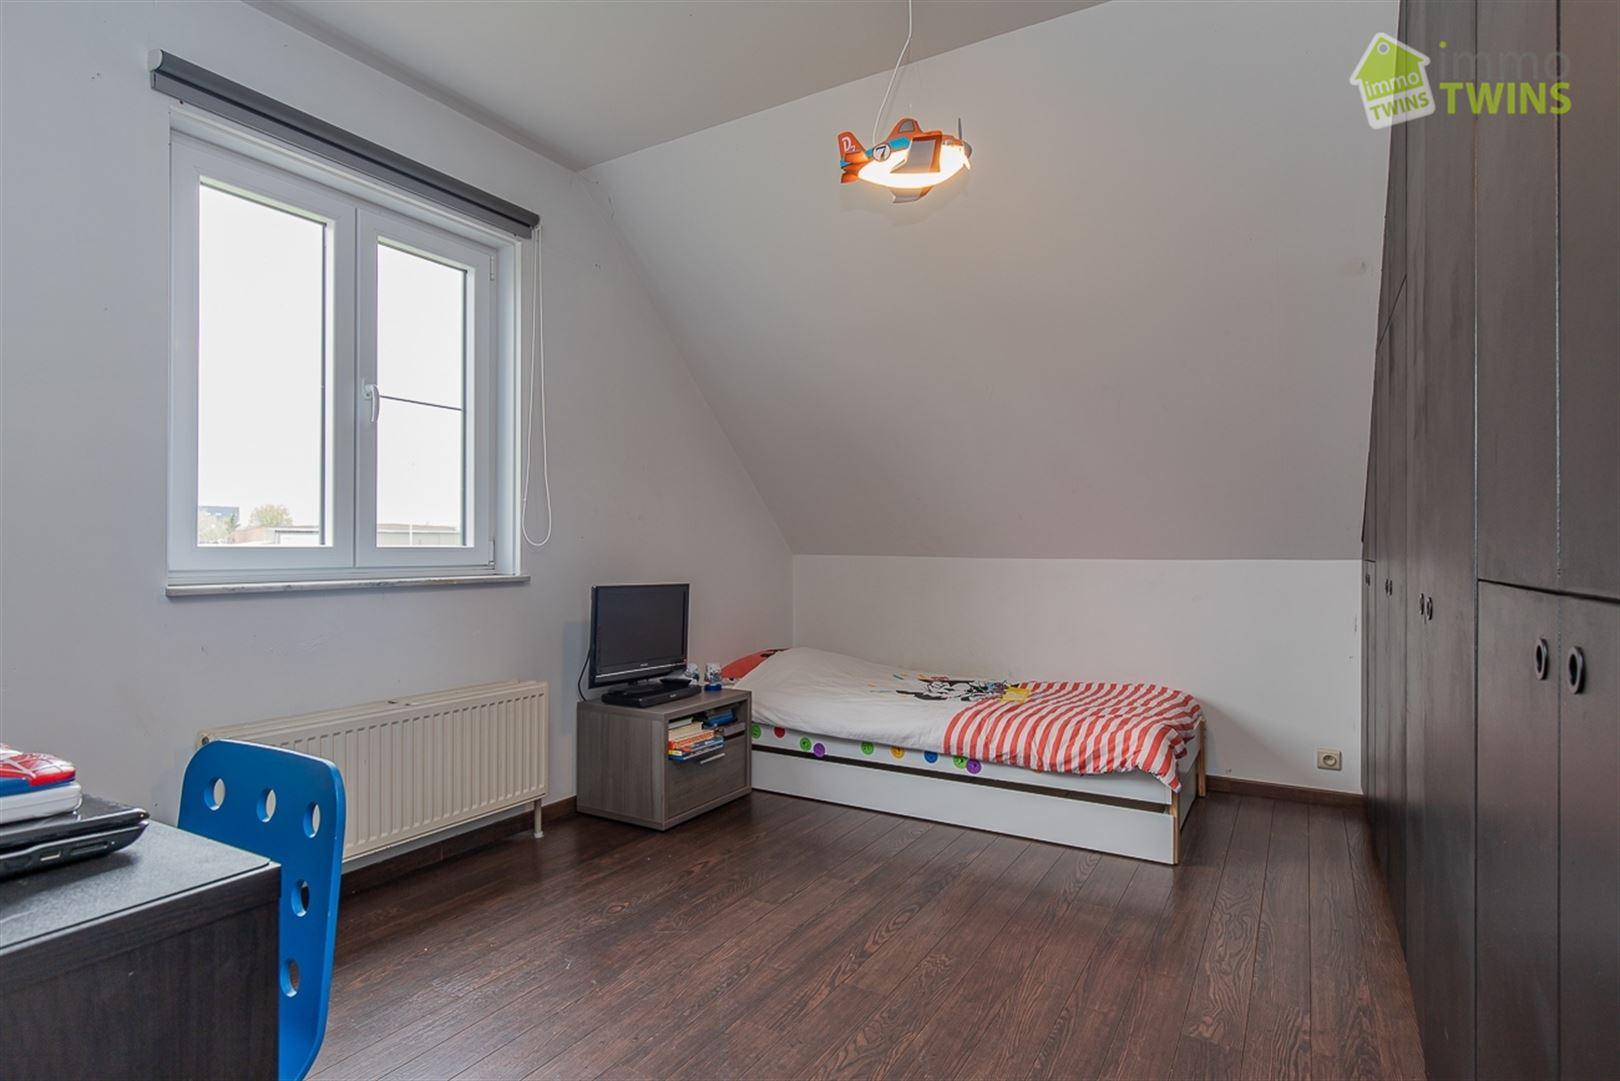 Foto 15 : Villa te 9140 TEMSE (België) - Prijs € 465.000